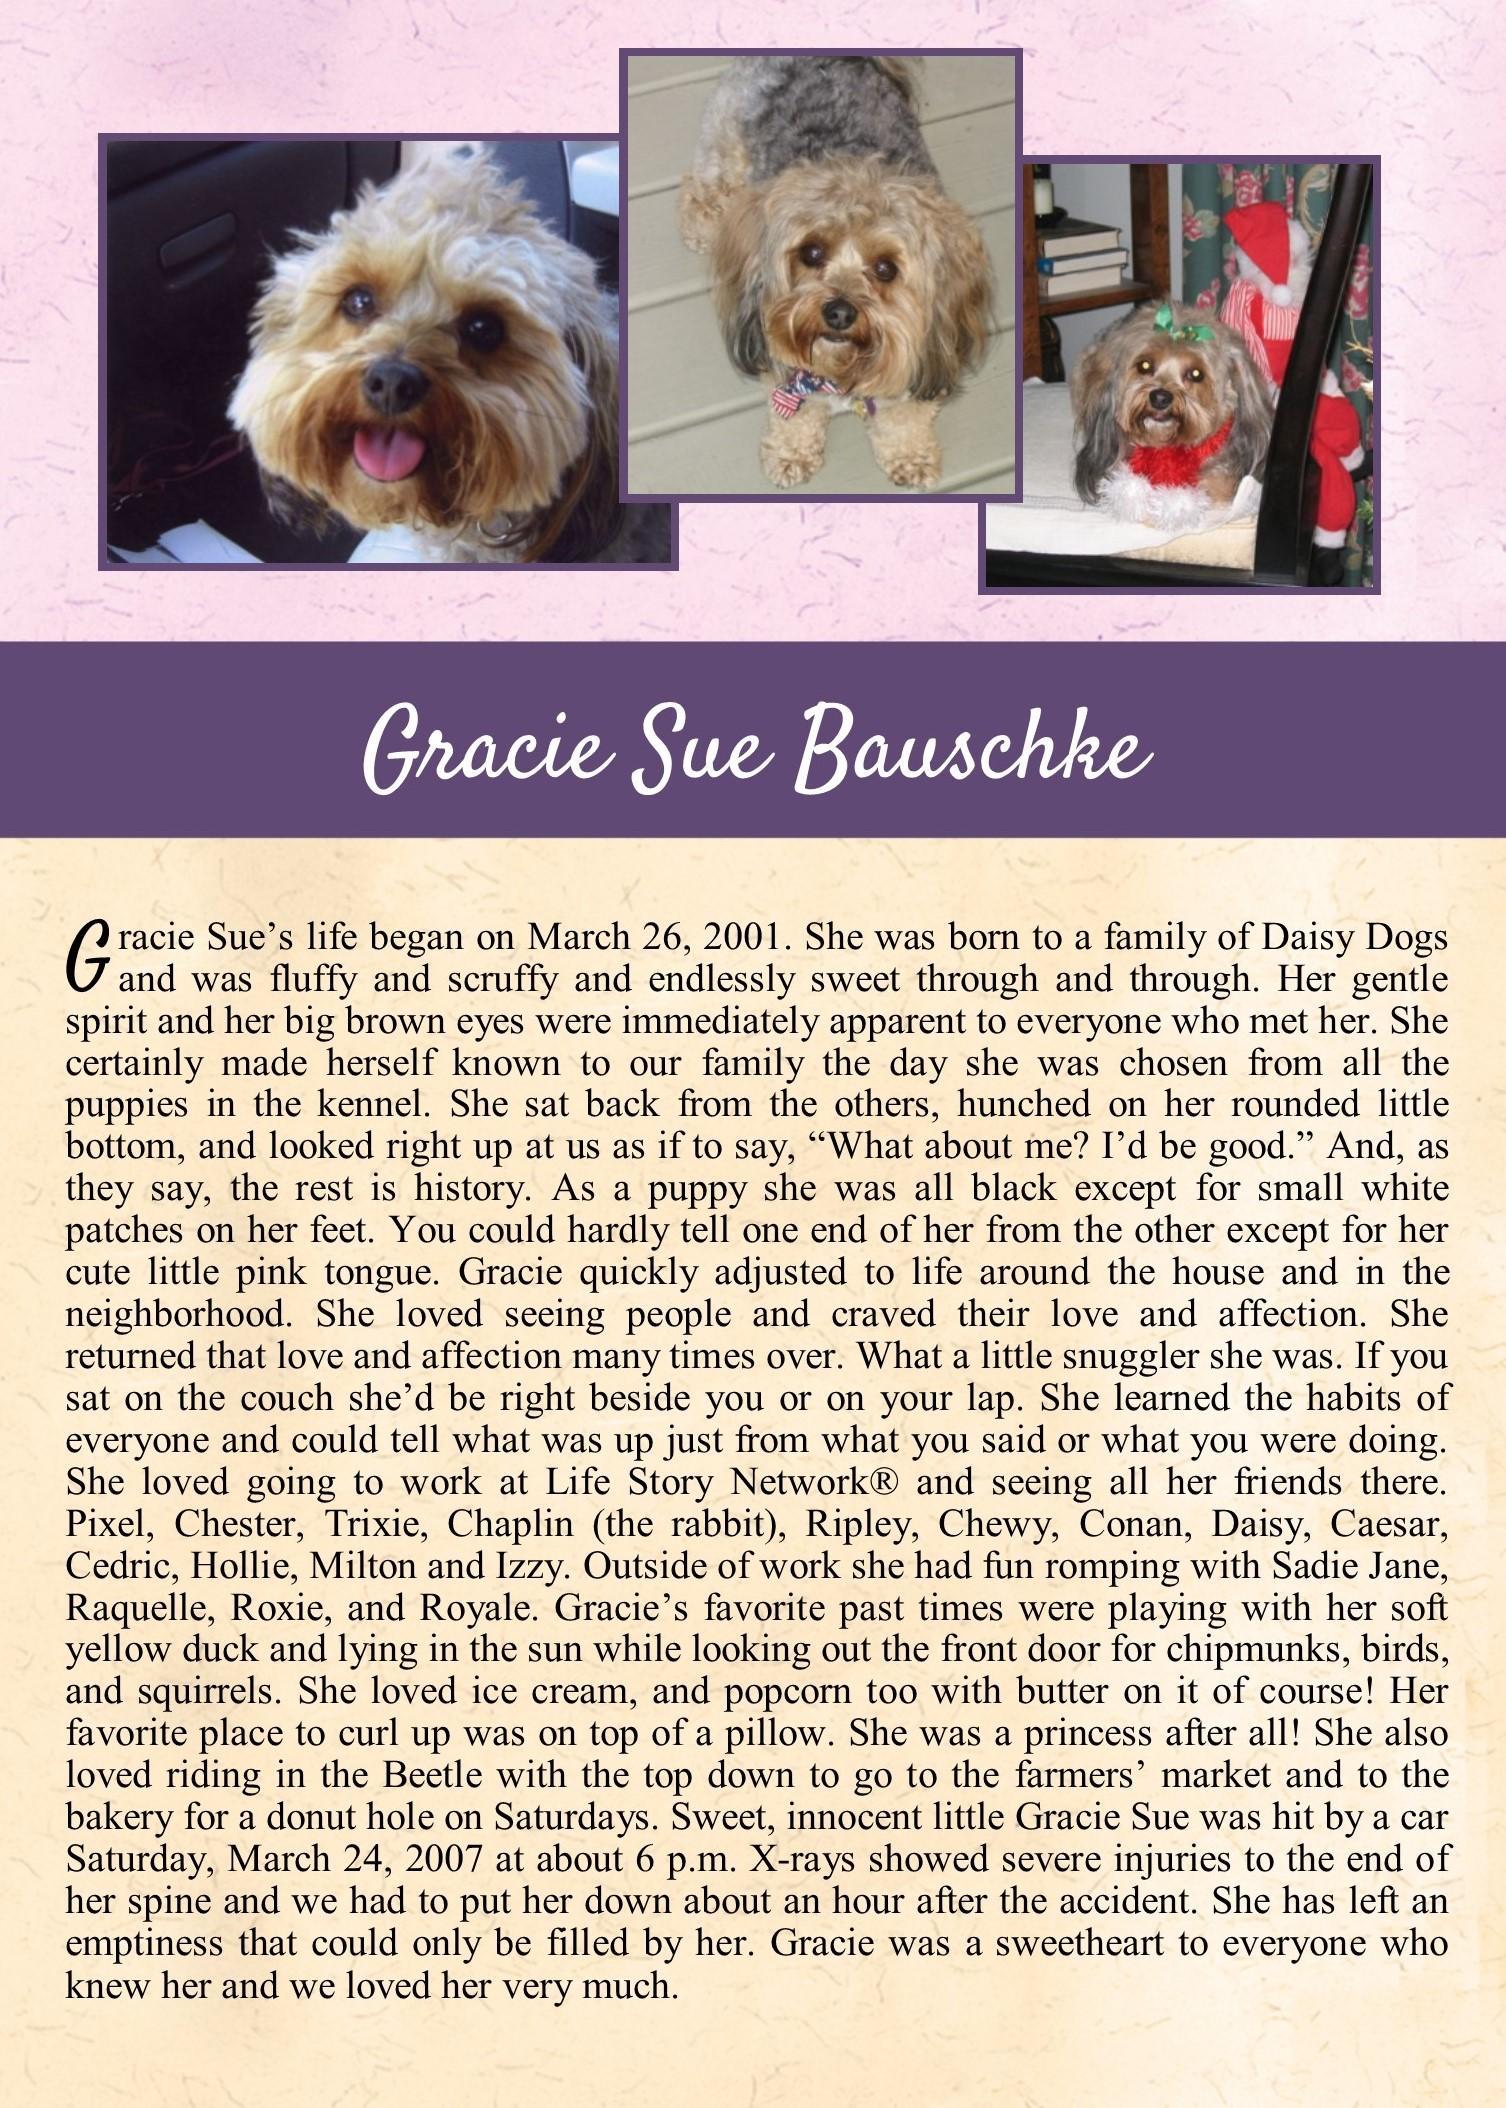 Gracie Sue Bauschke 2007-03-24.jpg